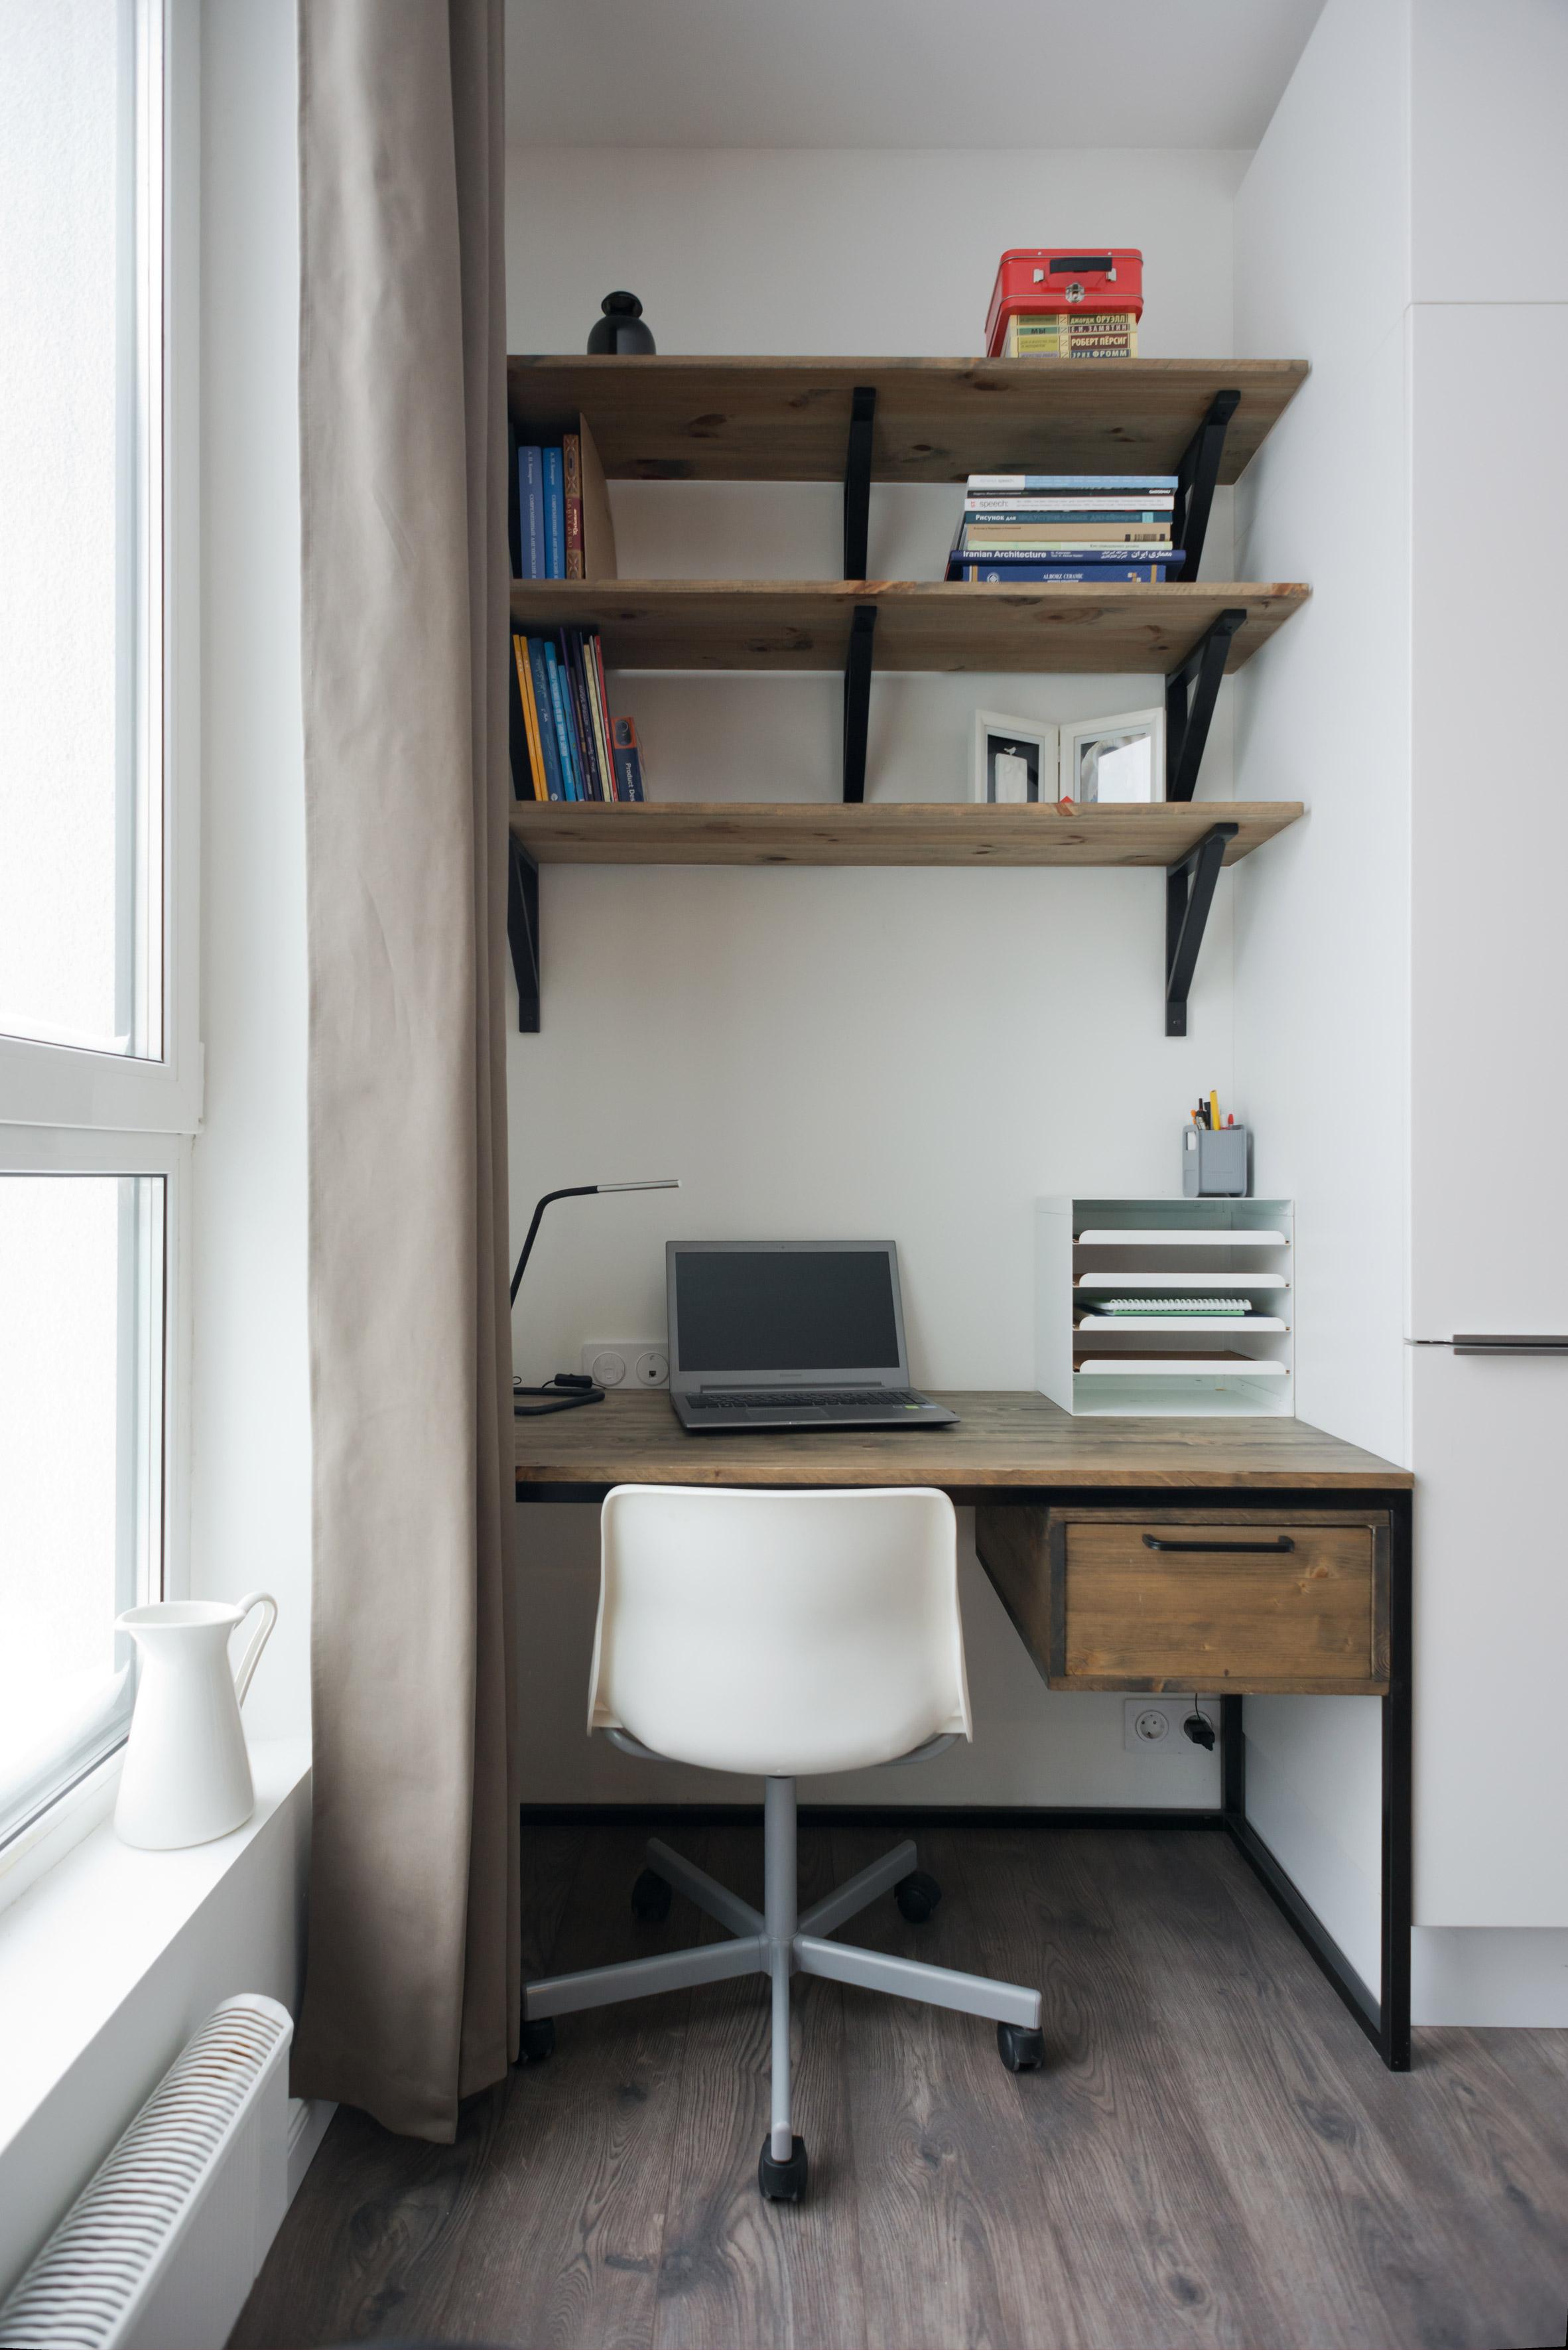 Małe przestrzenie: pomysłowa kawalerka 35 m² z drewnianym kubikiem